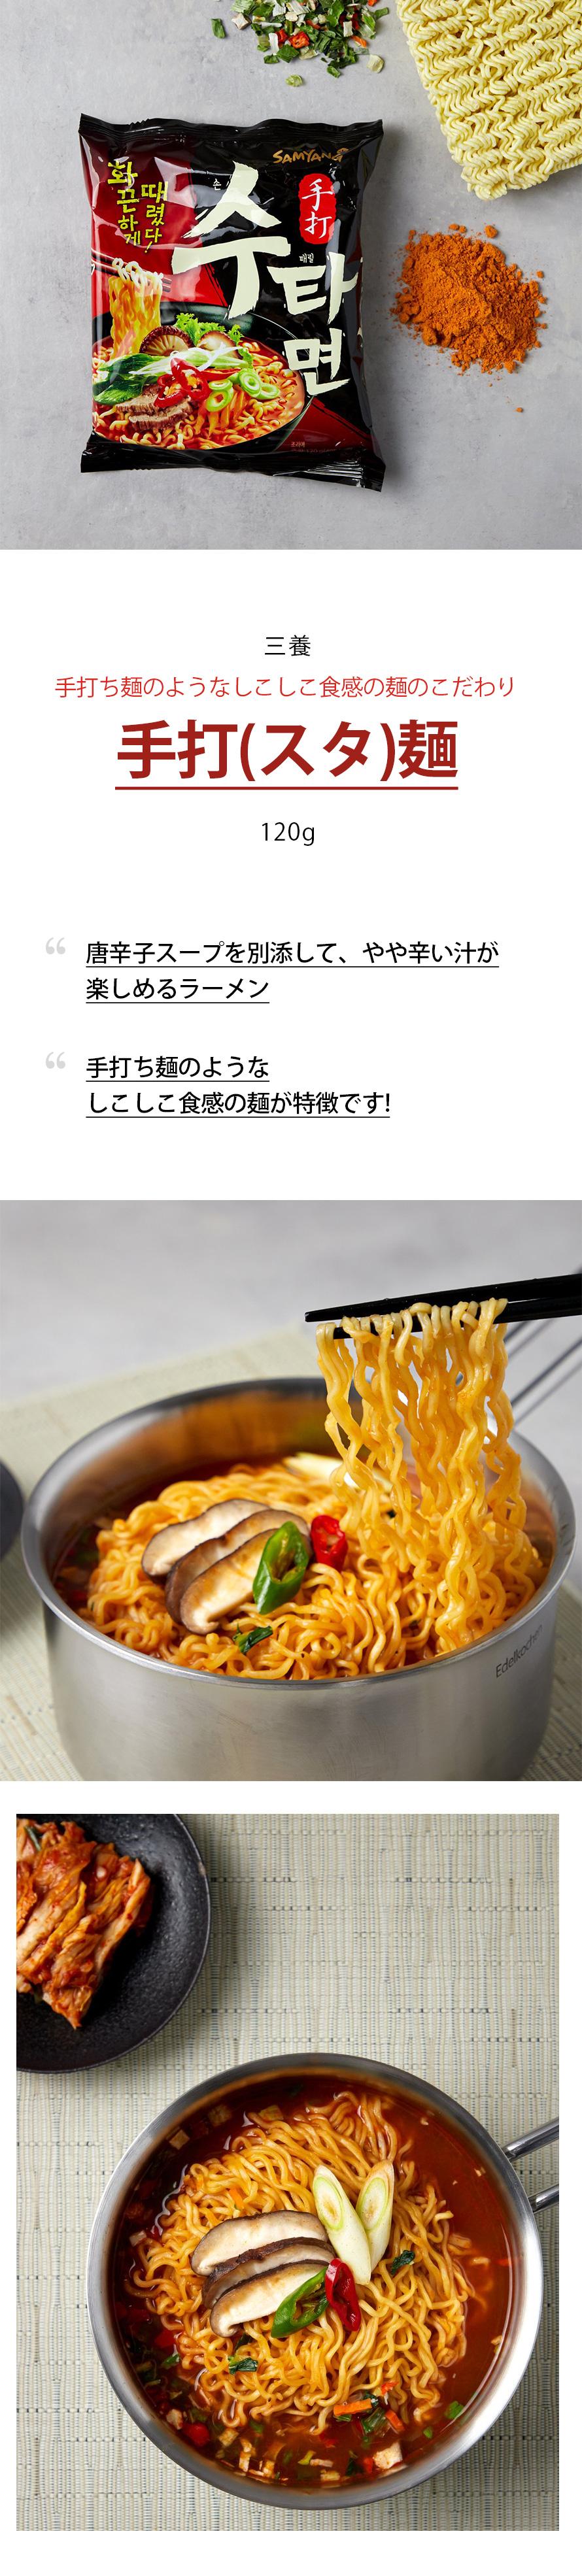 三養 手打麺